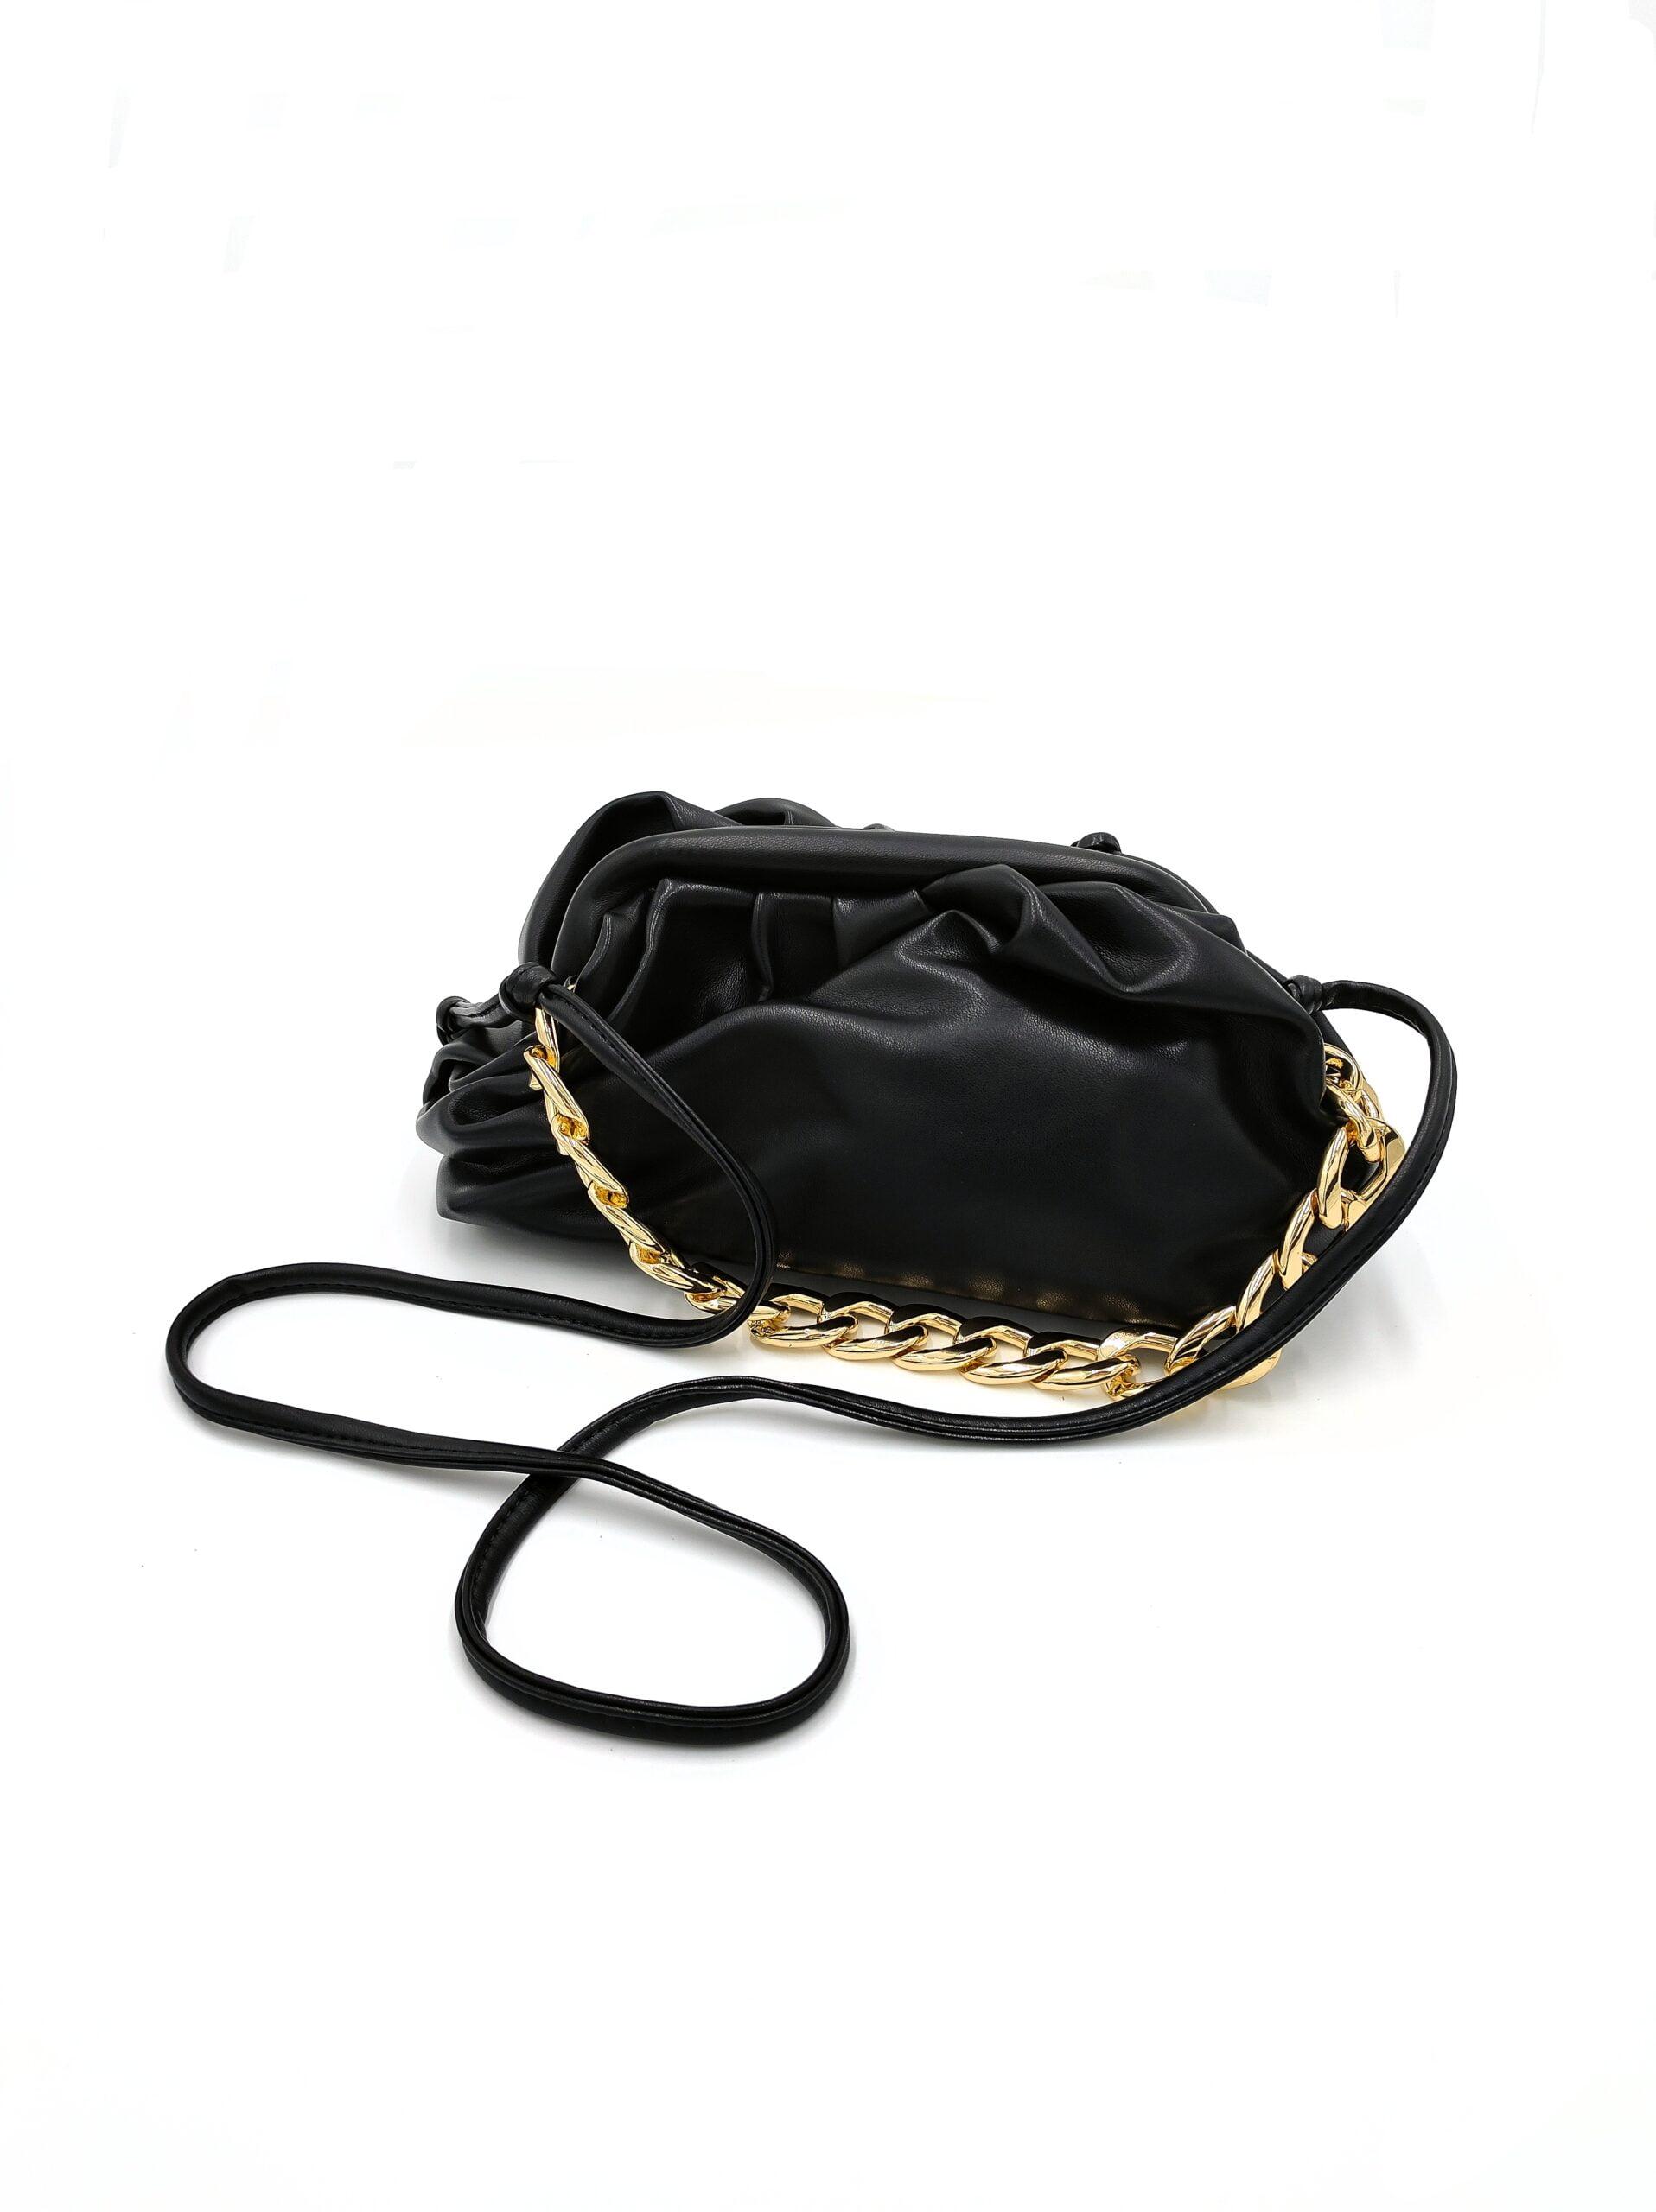 Τσάντα με Χρυσή Αλυσίδα